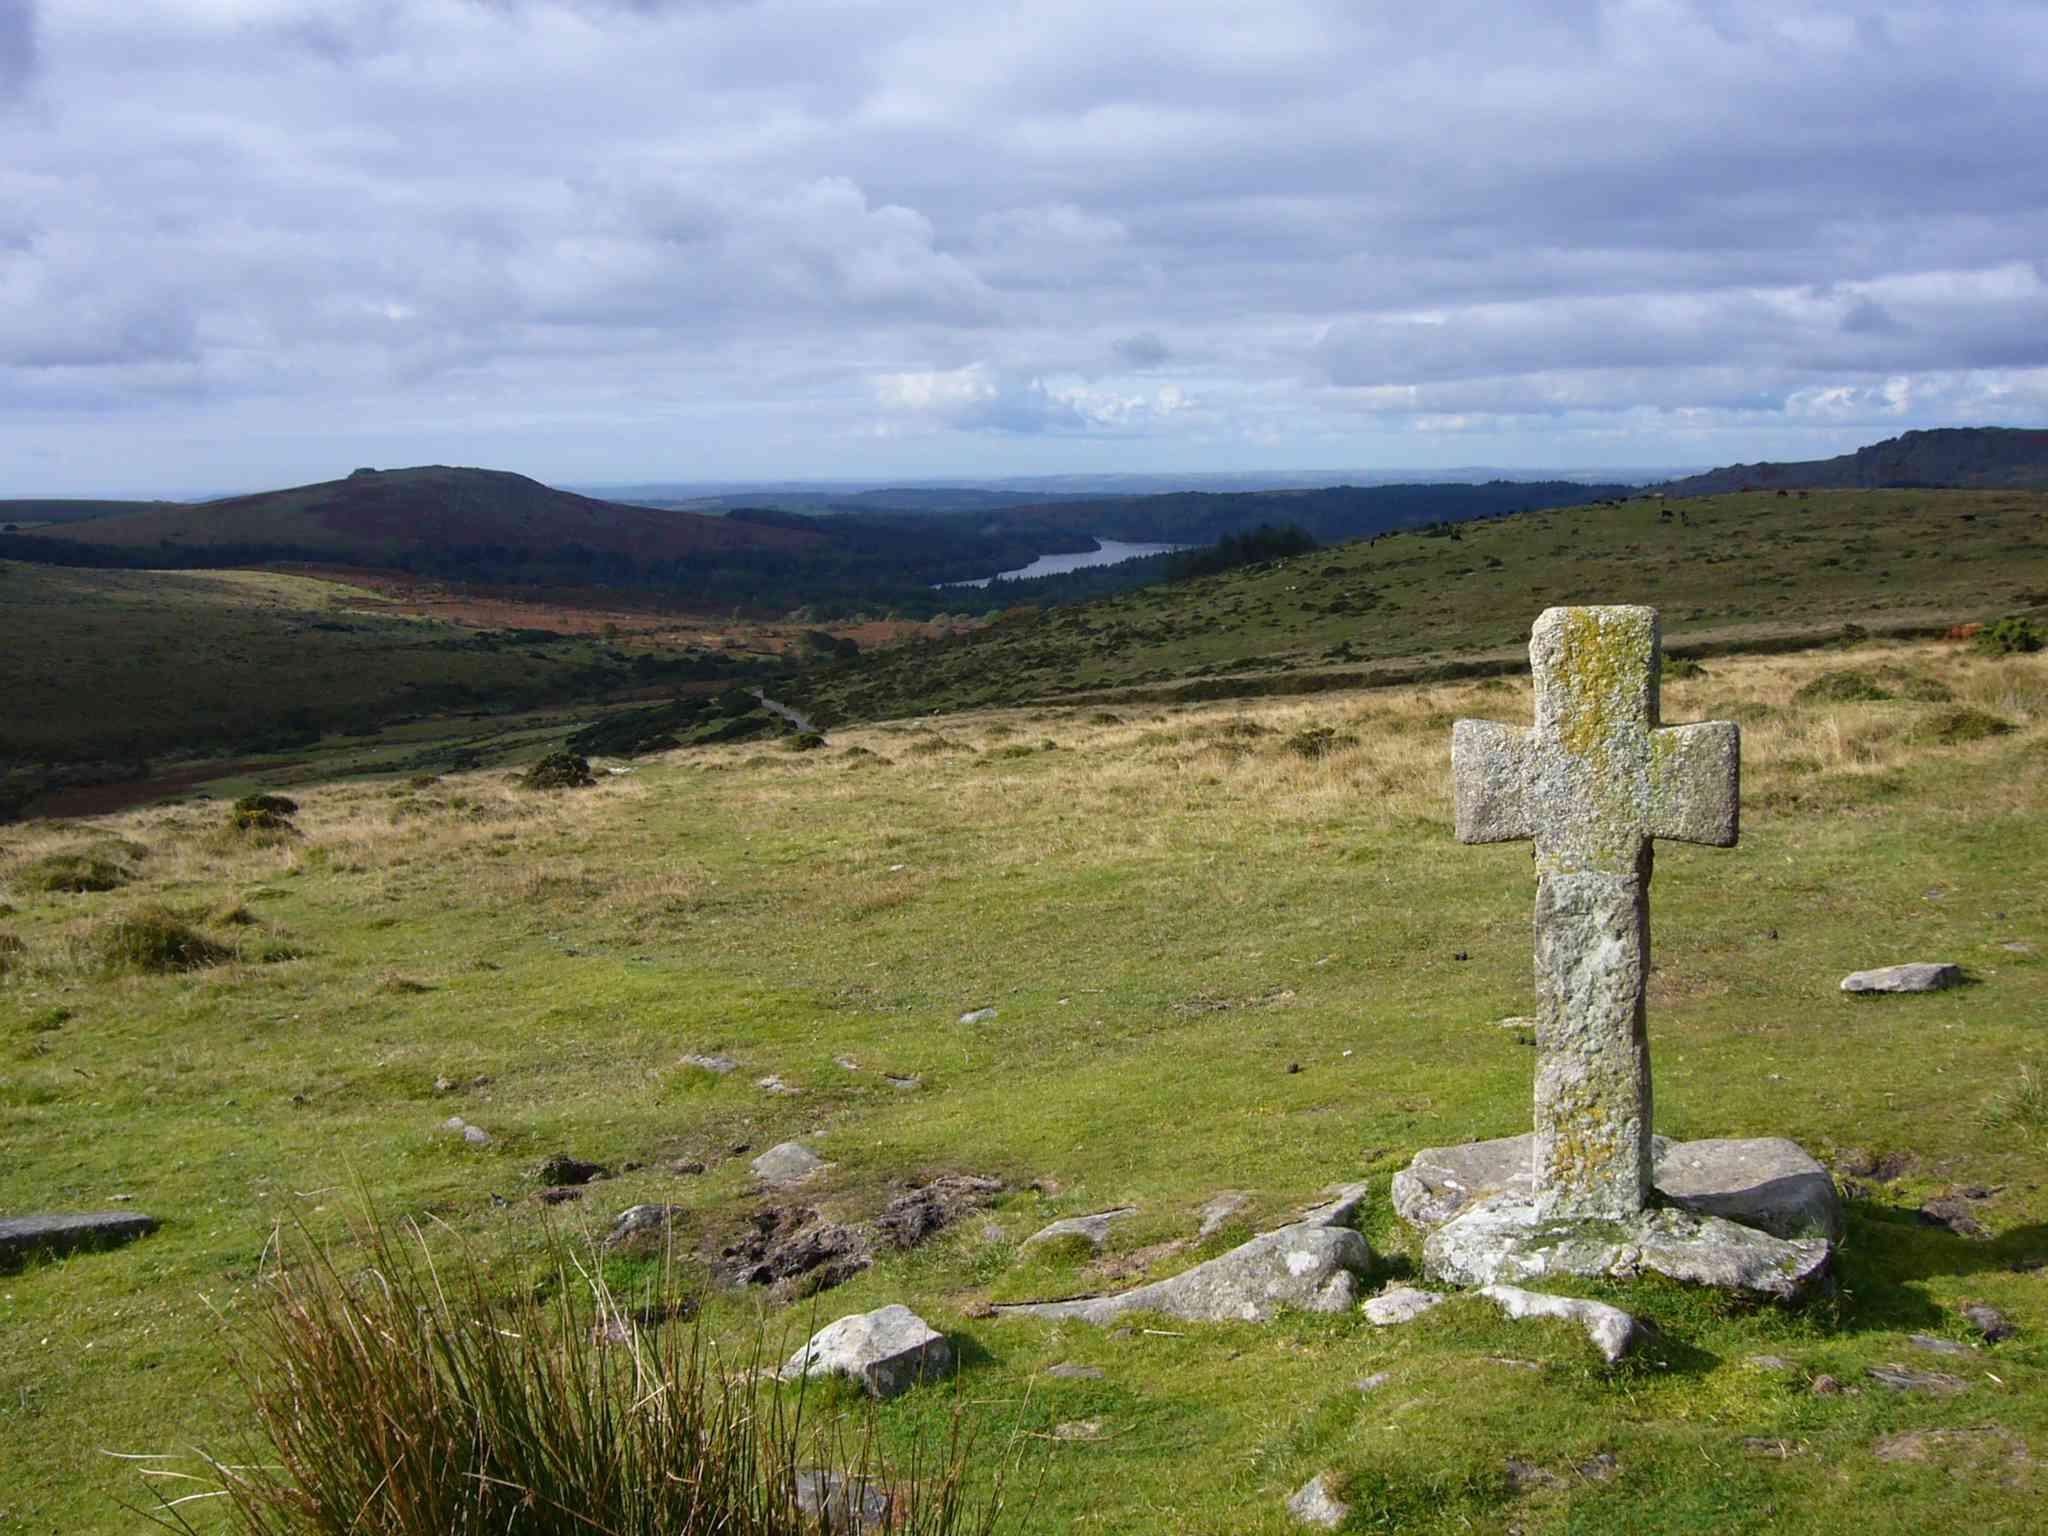 Das Crazywell-Kreuz in der Nähe von Dartmoor, neolithische Stätte.